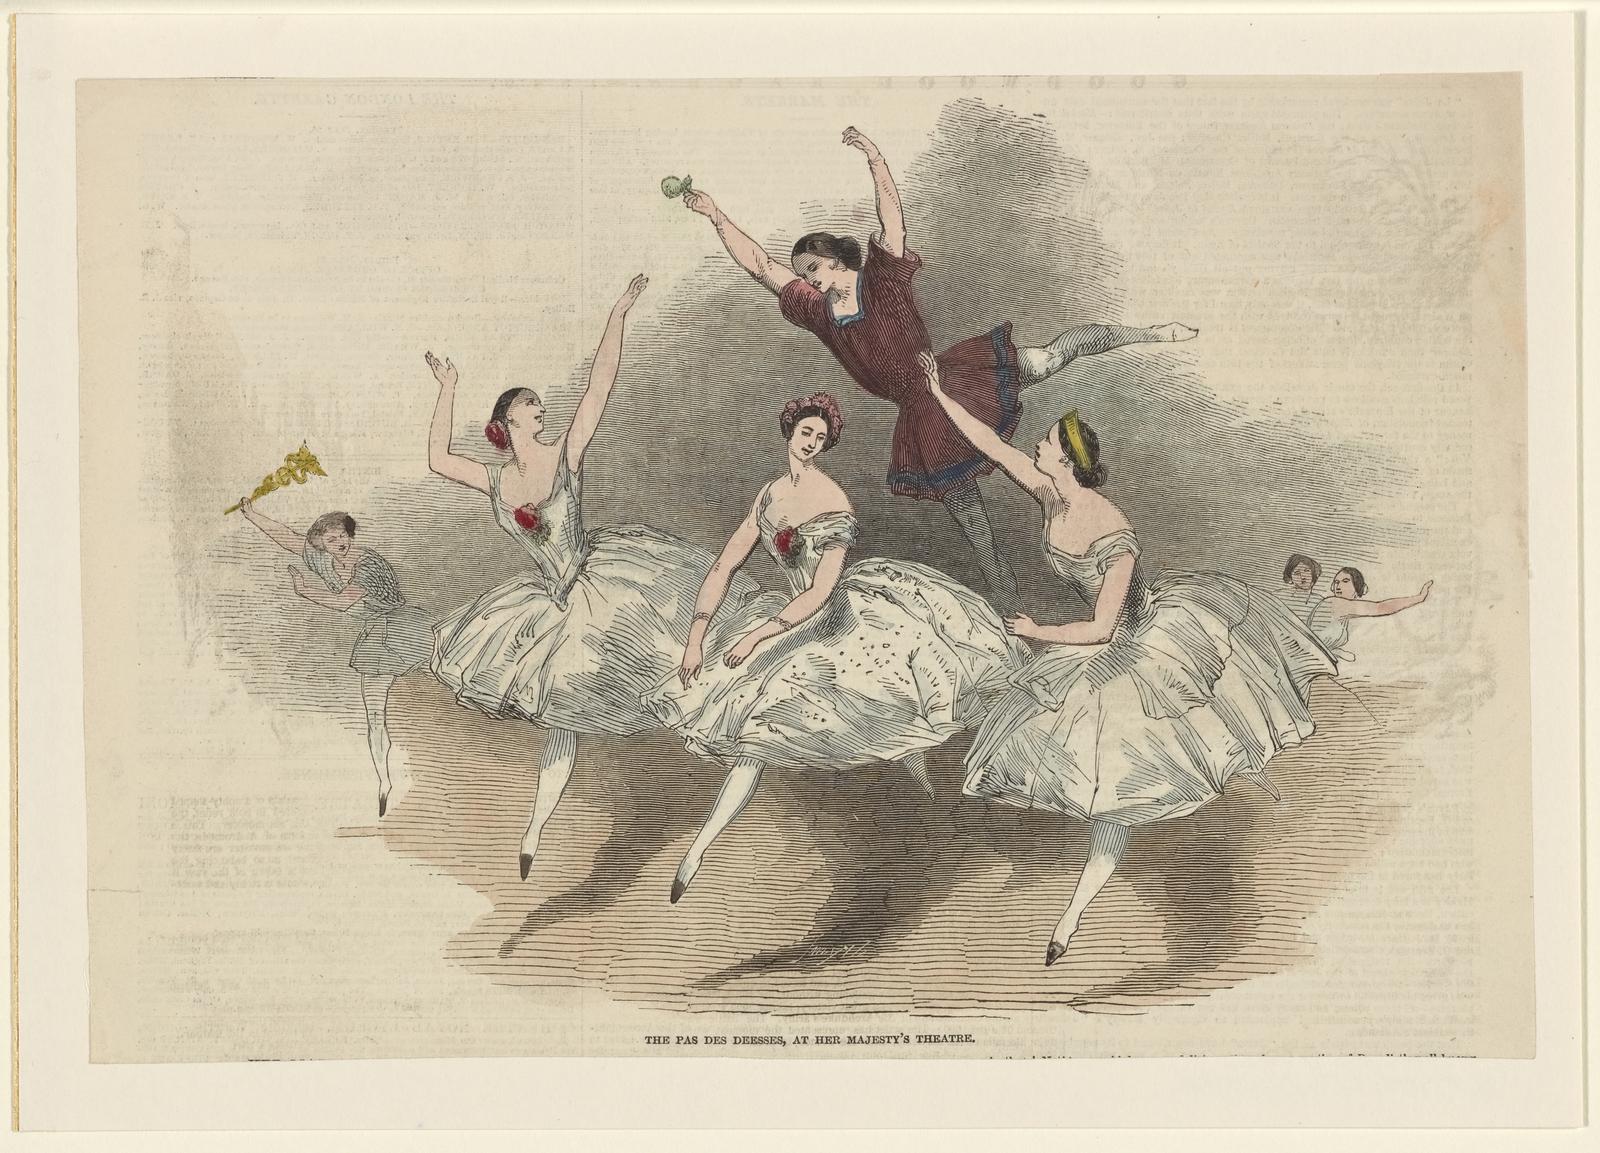 The Pas des déesses, at Her Majesty's Theatre